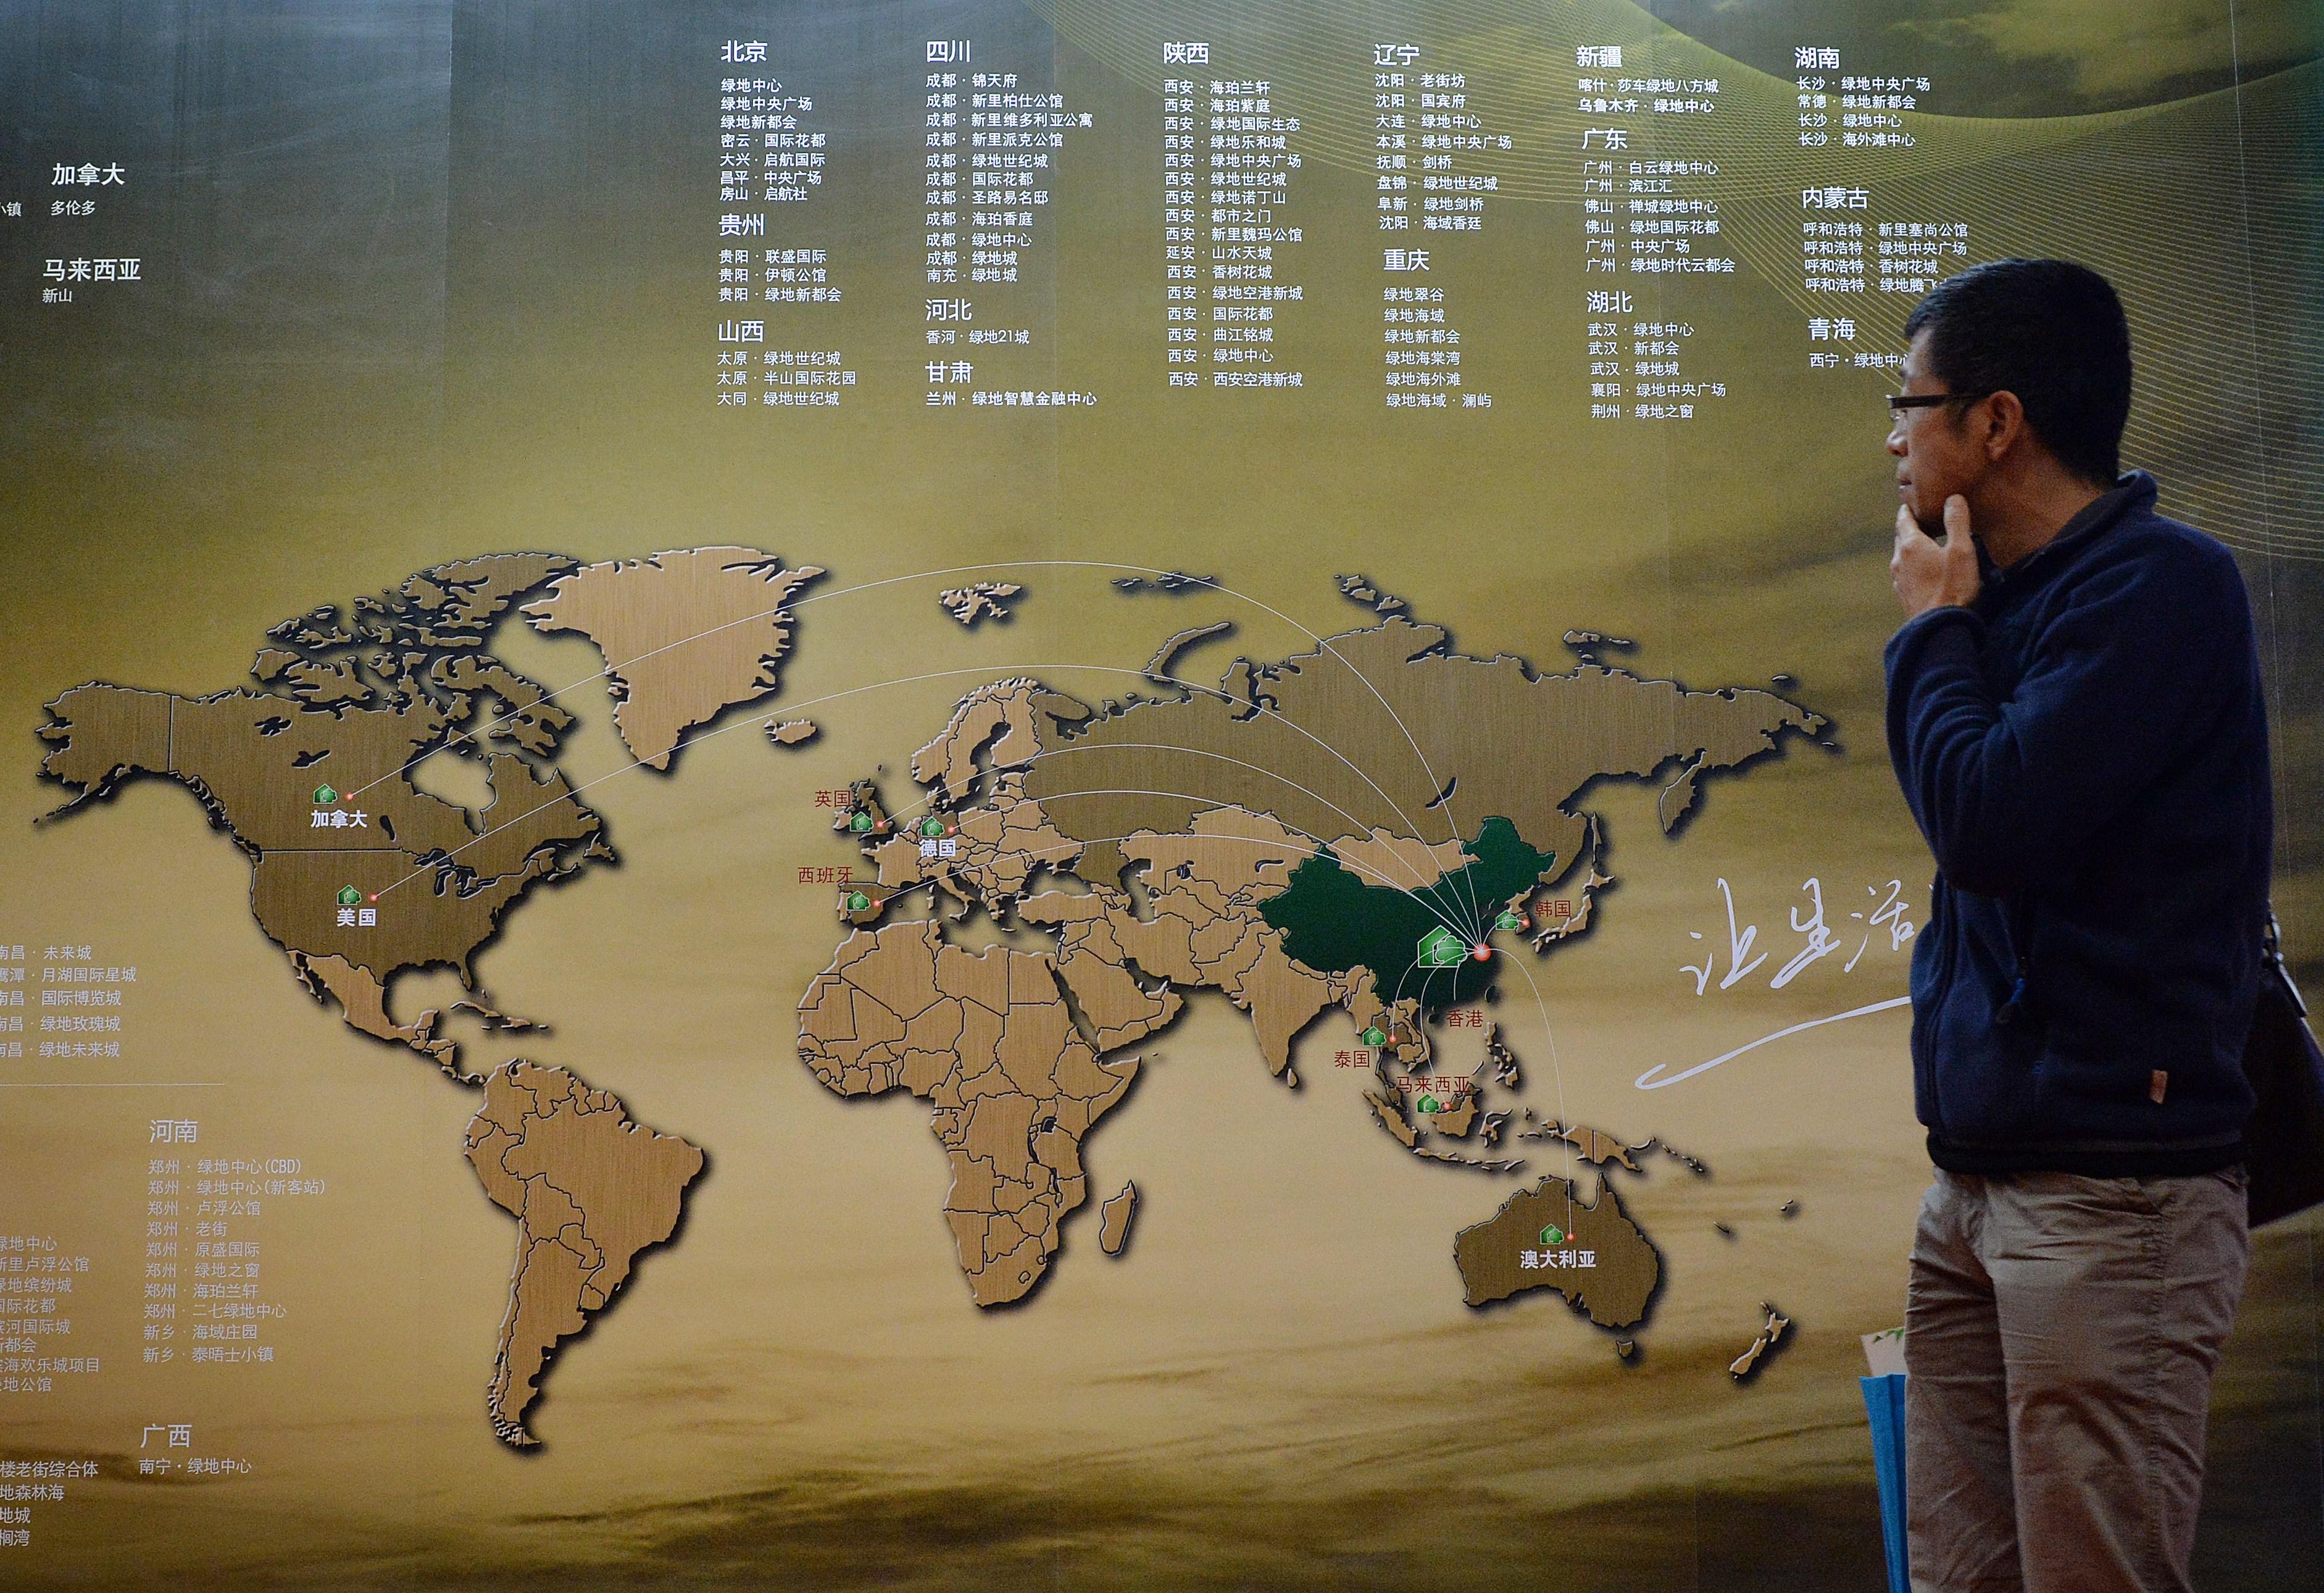 中共為何盯上這11個國家 美智囊報告解密